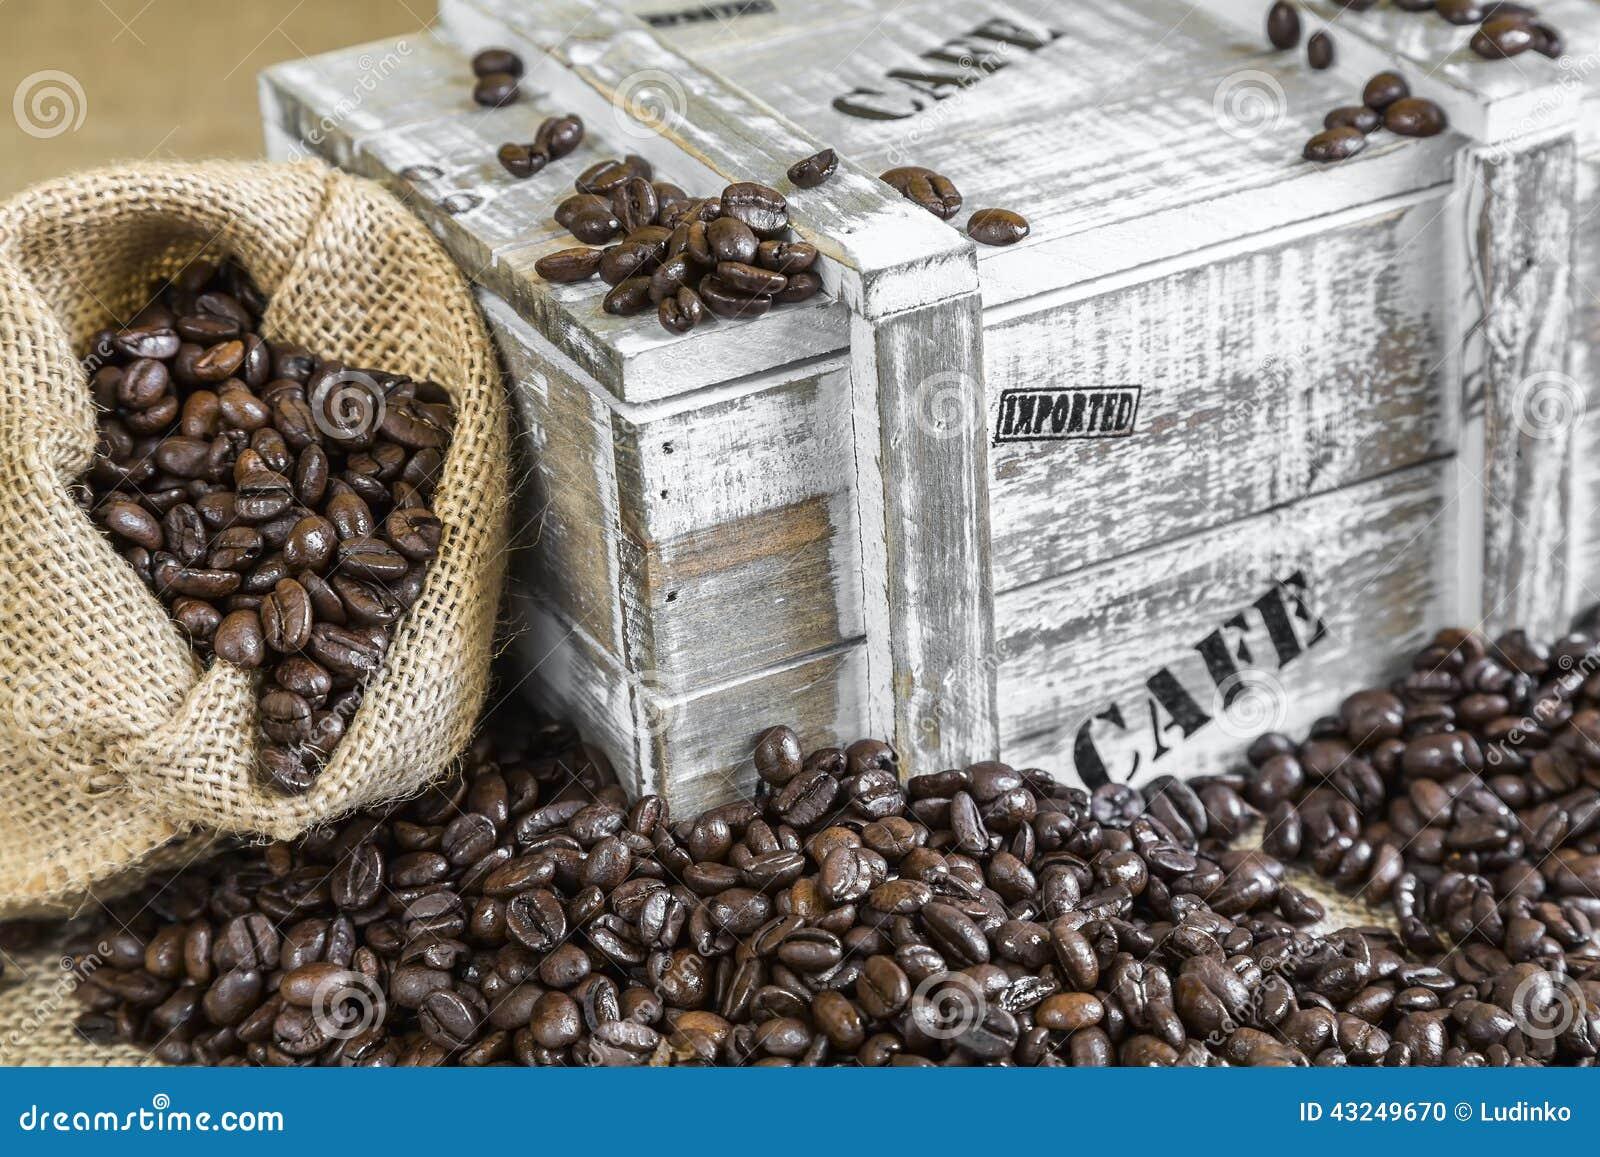 Extrêmement Le Sac De Toile De Jute A Rempli De Grains De Café Près De Vieille  YP21